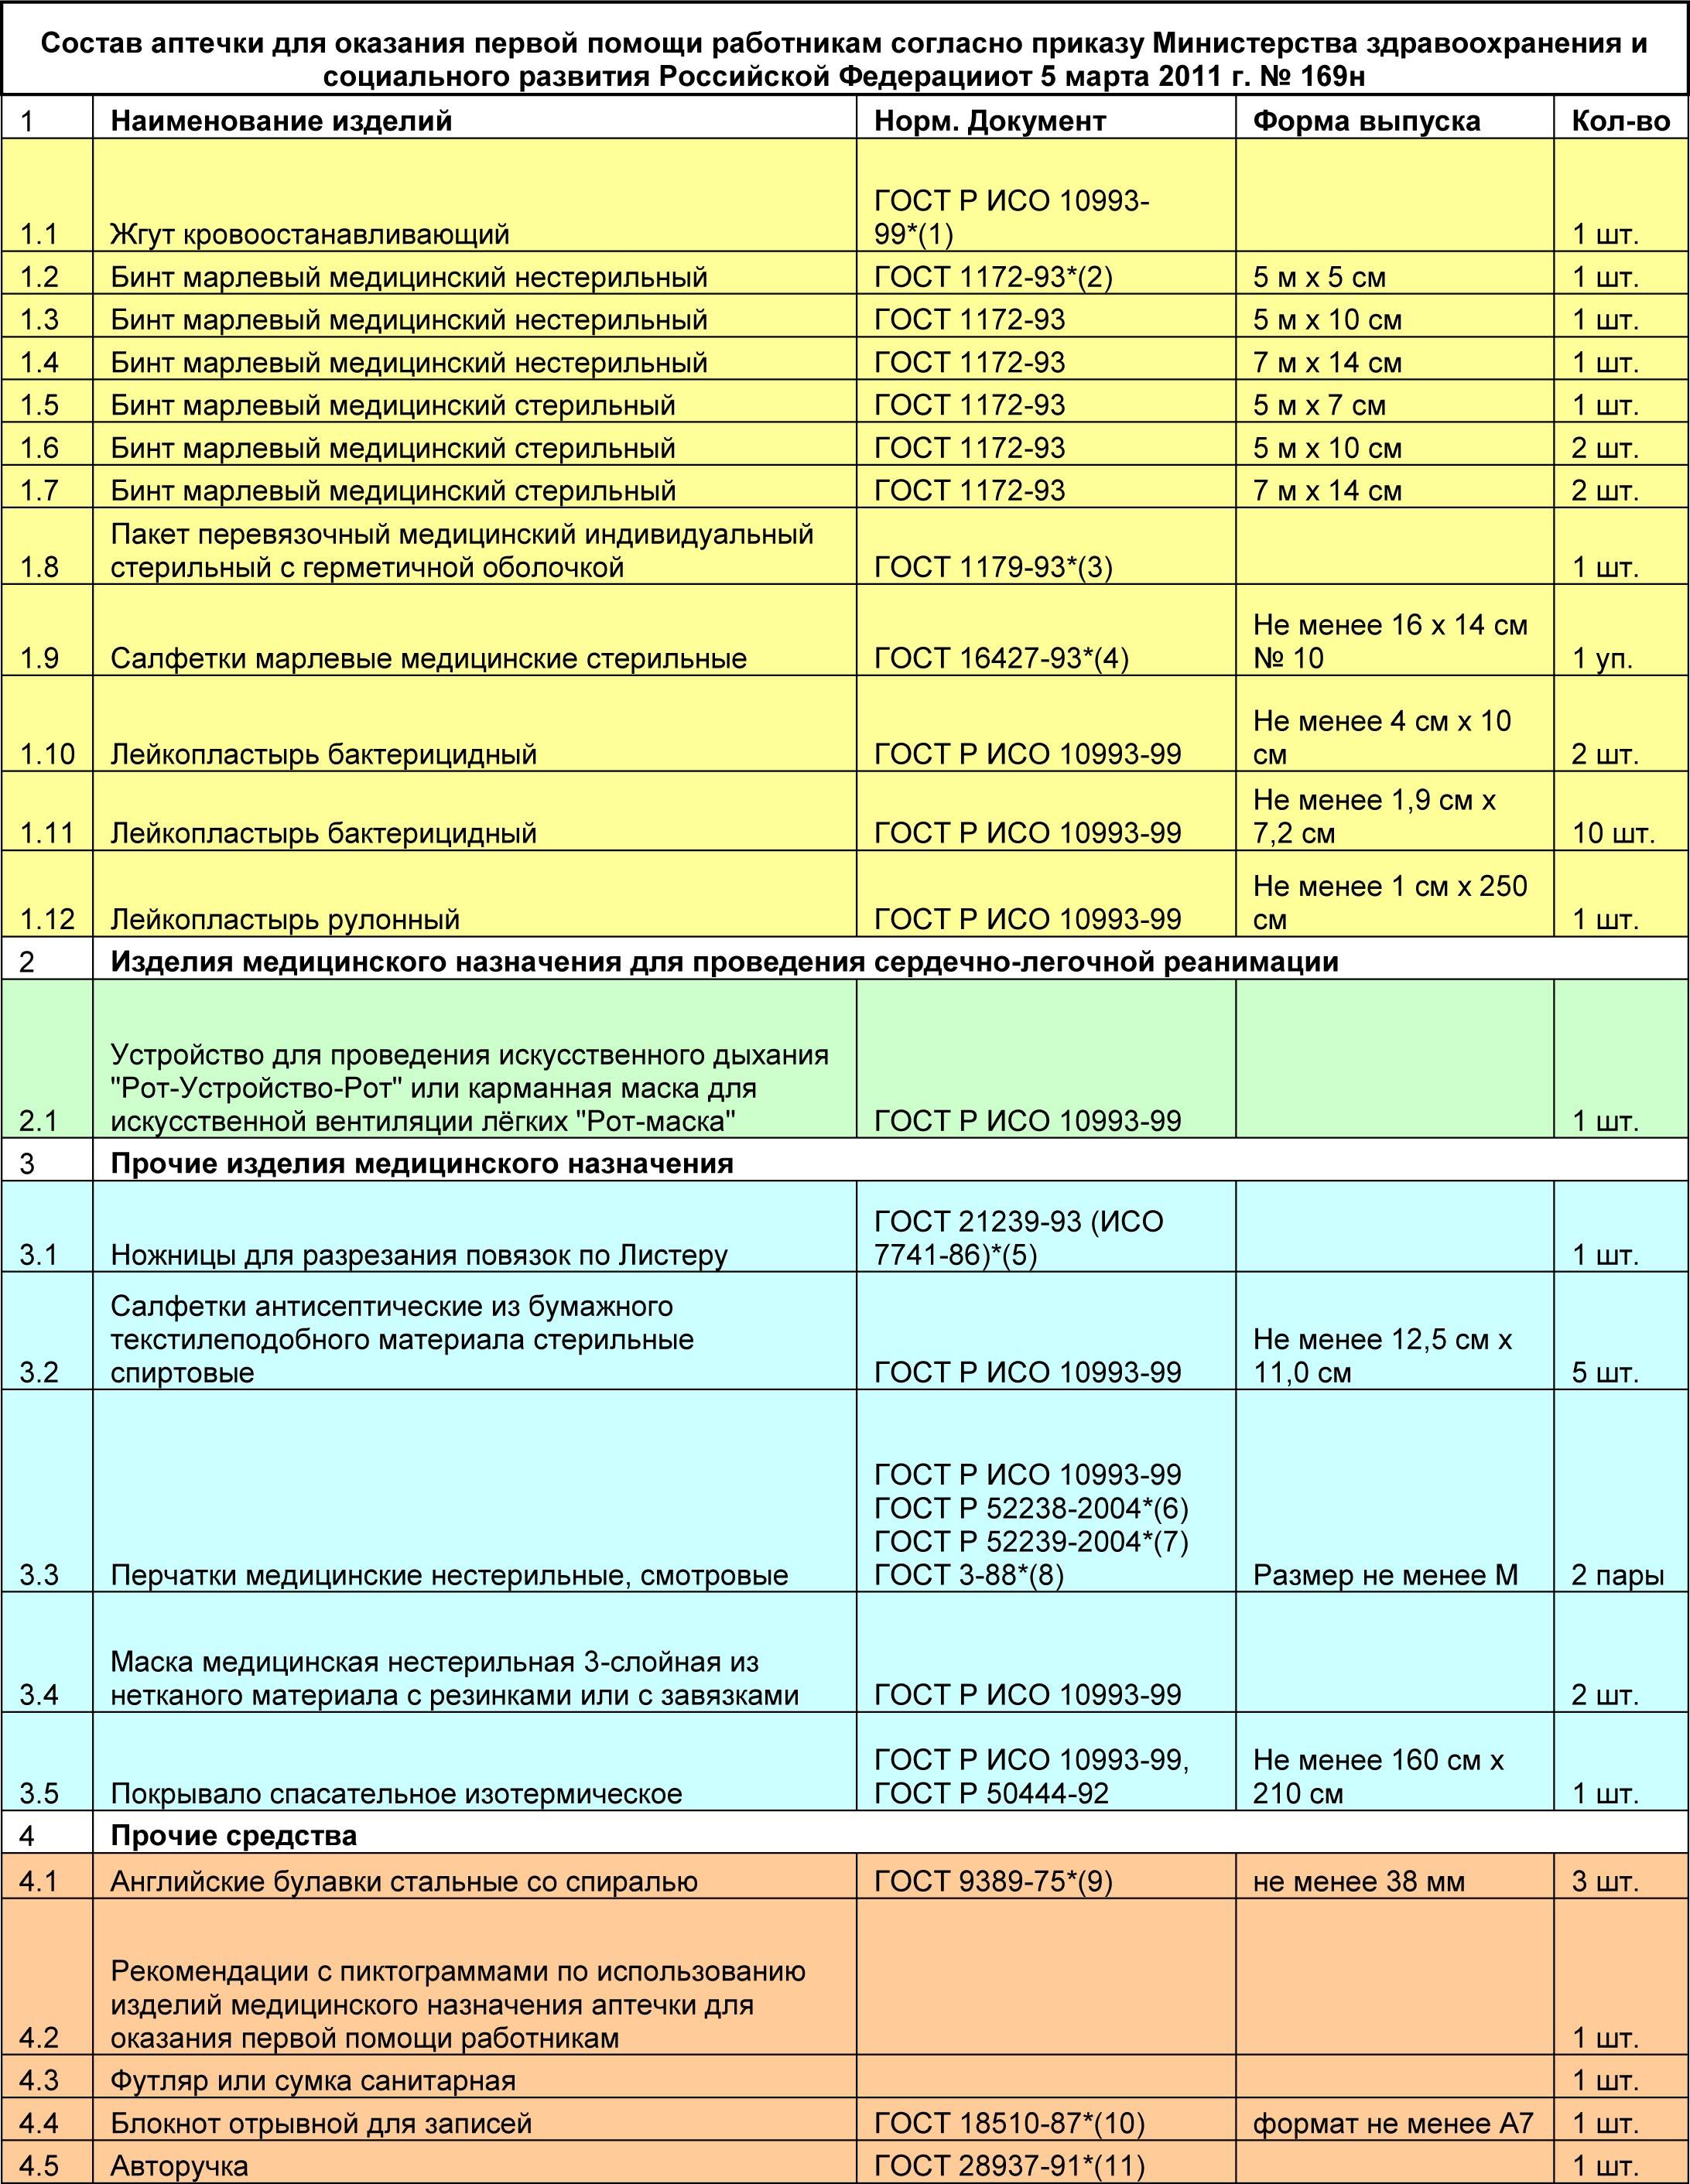 Состав аптечки для оказания первой помощи работникам согласно приказу 169н